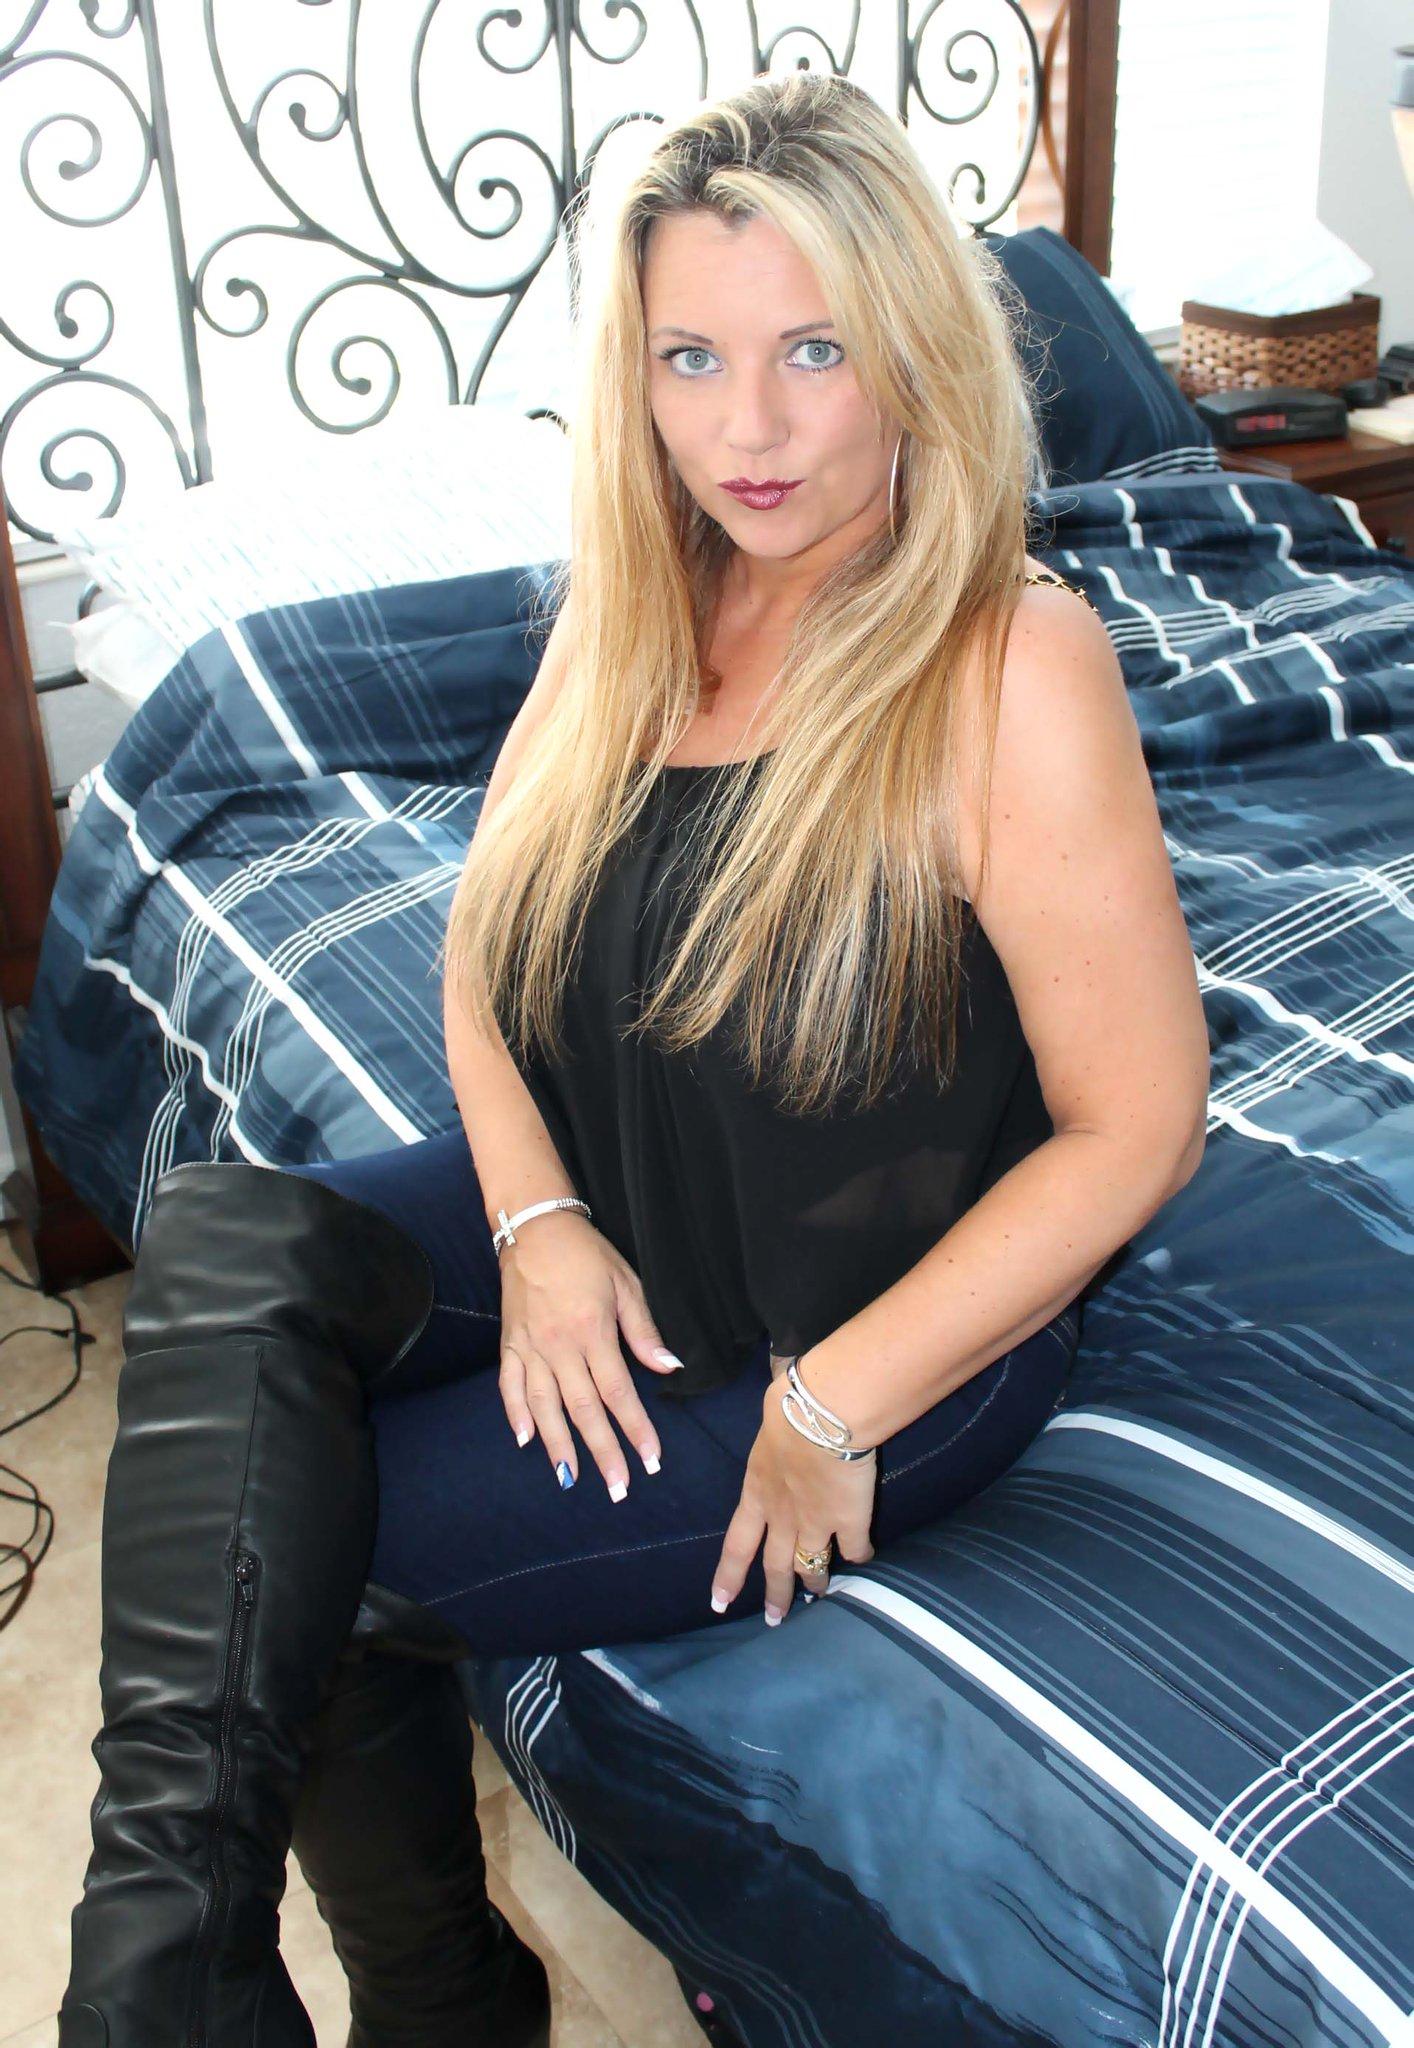 Hot hugetits blonde milf pamela peaks - 1 3